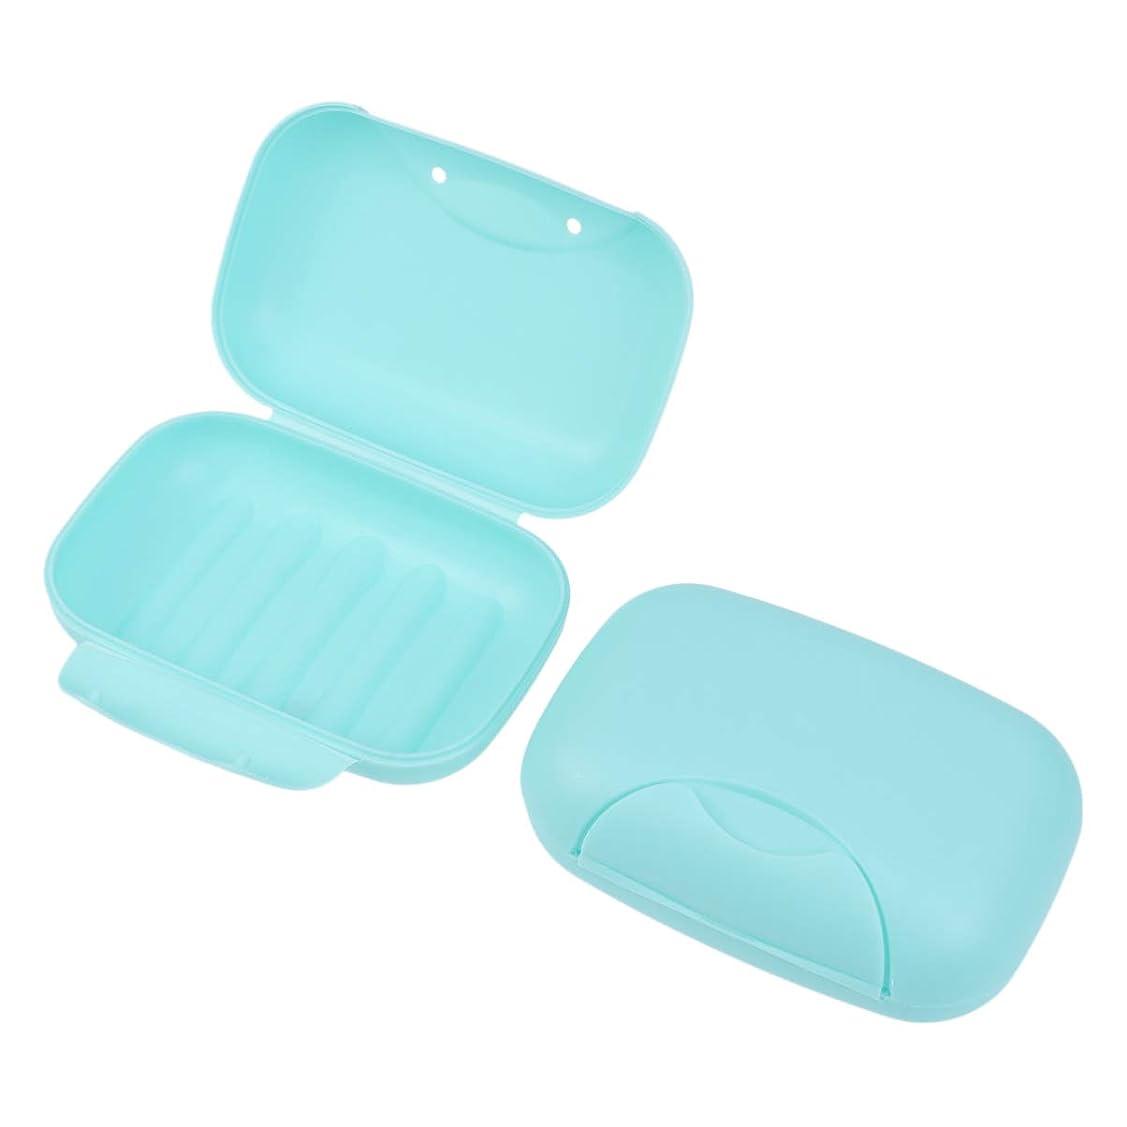 反発する決定出発するHealifty 旅行用ソープボックス防水石鹸皿ソープホルダー2個(青)